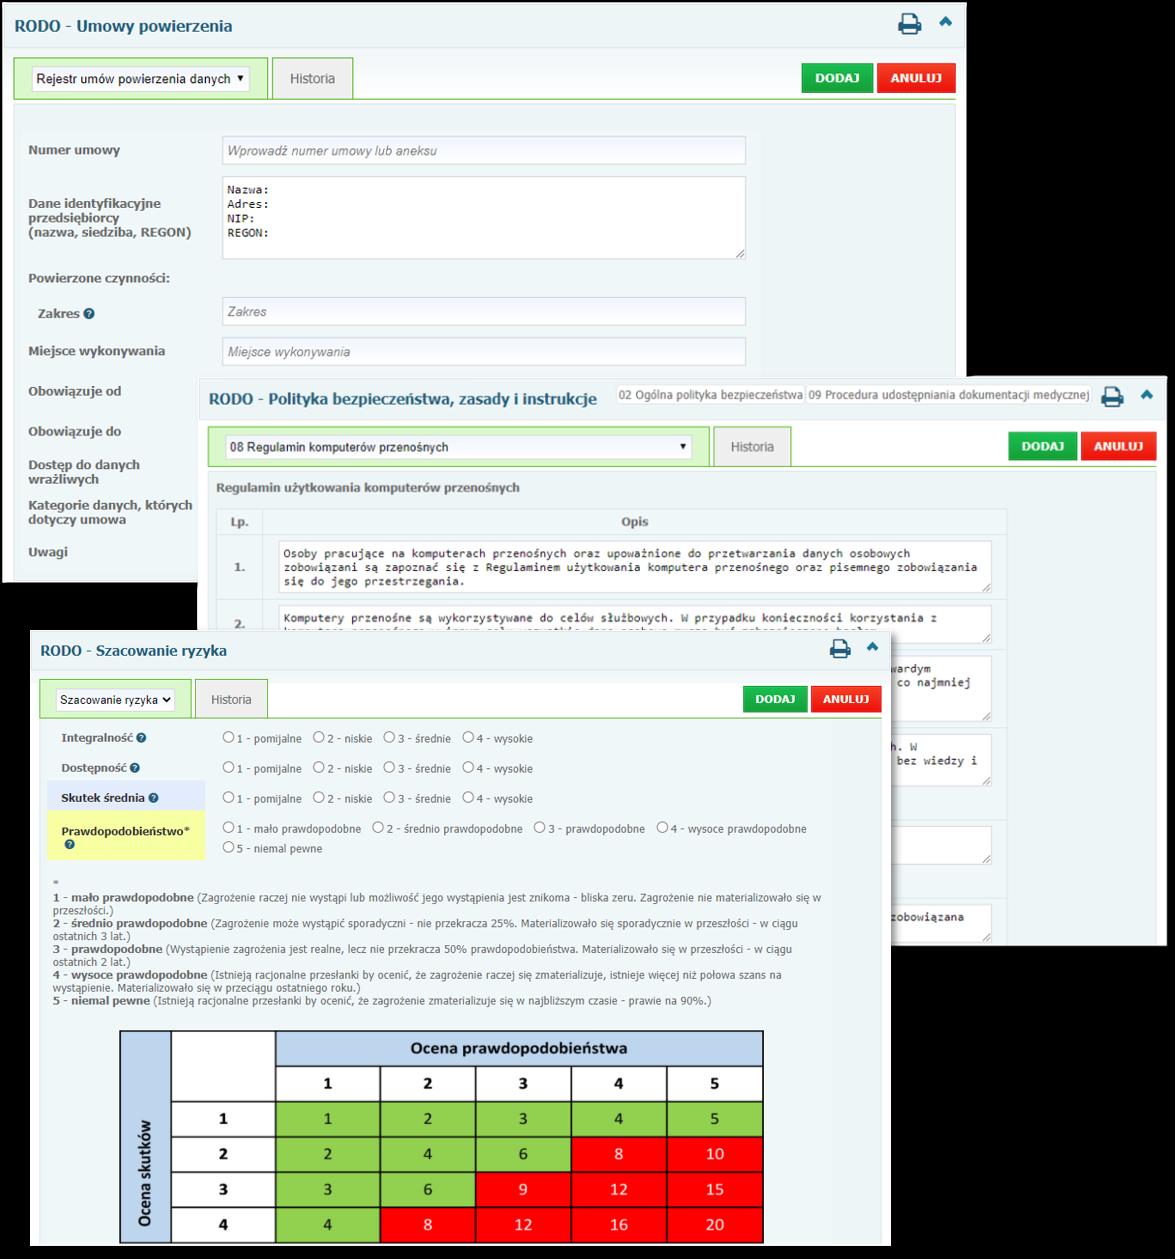 Przykładowe formularze dostępne w module dokumentacji RODO